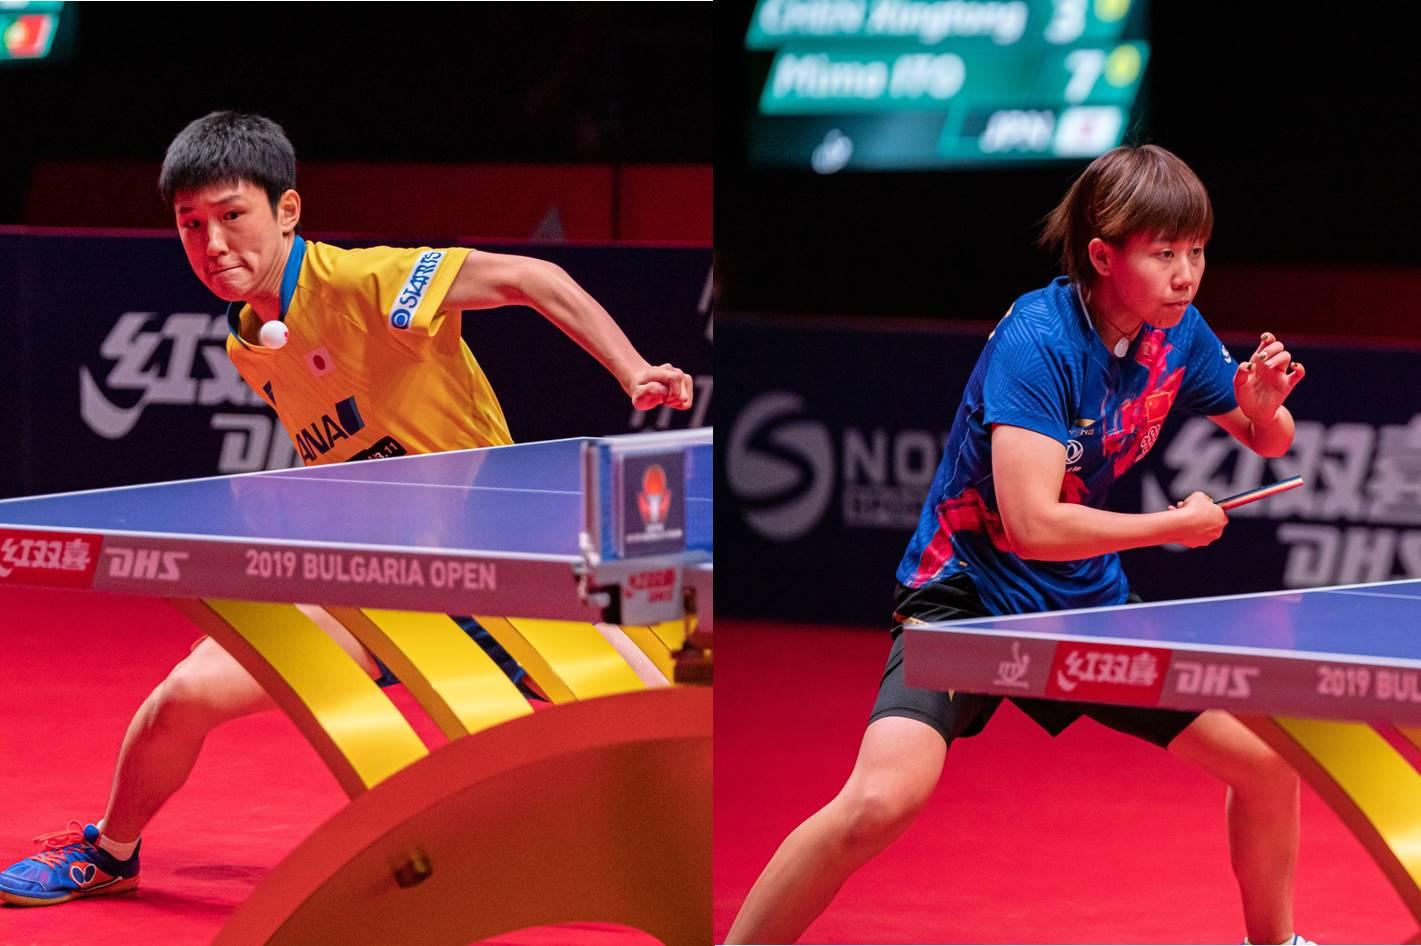 【今週の日本の卓球】張本智和、悲願の今年初優勝 ブルガリアオープン全日程終了